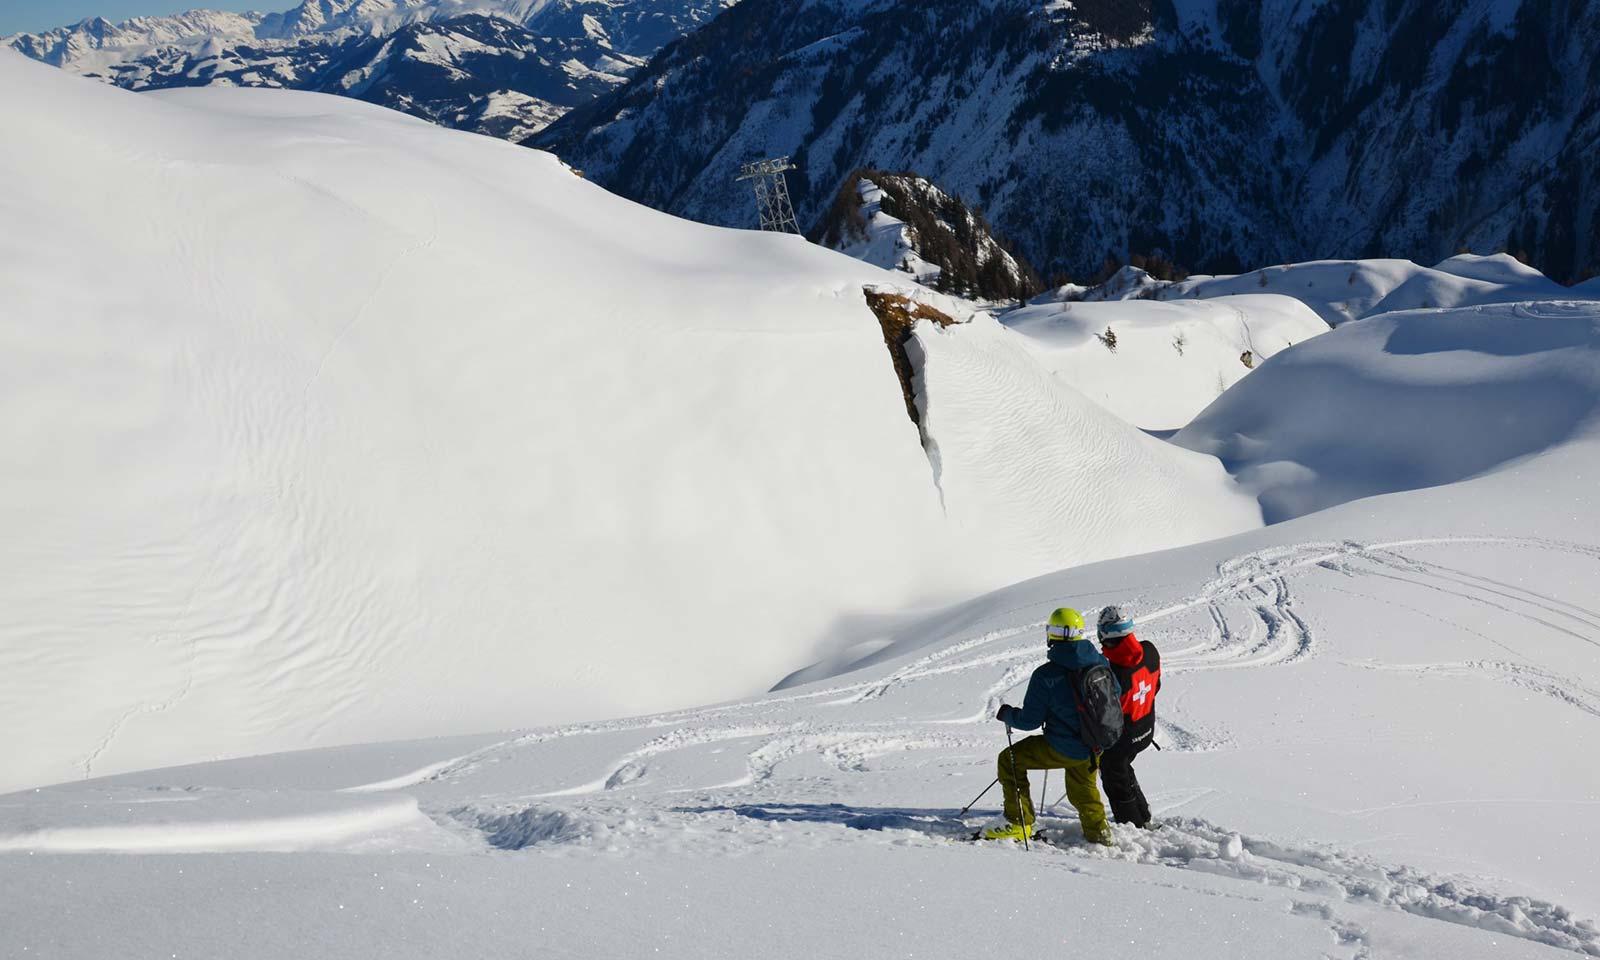 Risikomanagement für Skigebiete, Schneemäuler   LO.LA Alpine Safety Management